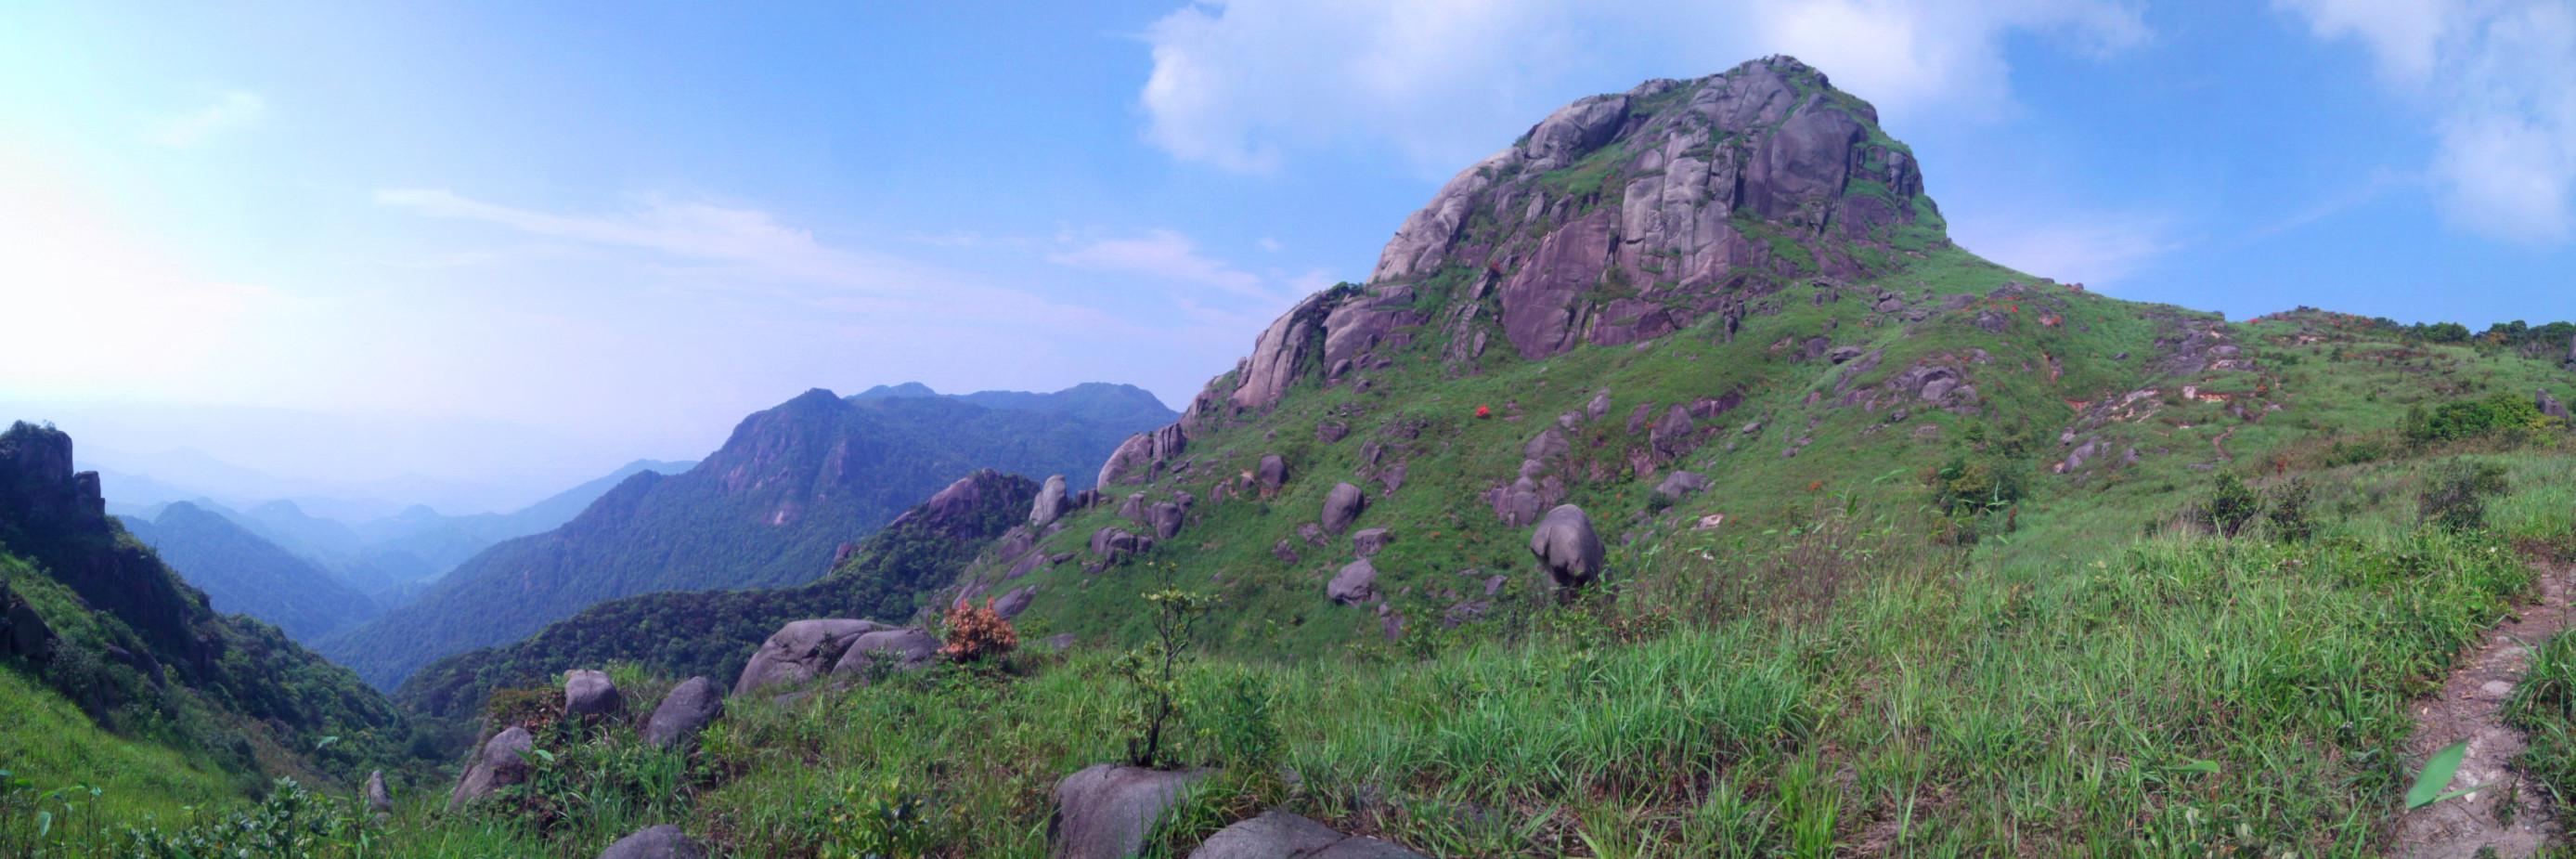 广州几步路相约之难忘大东山重装穿越